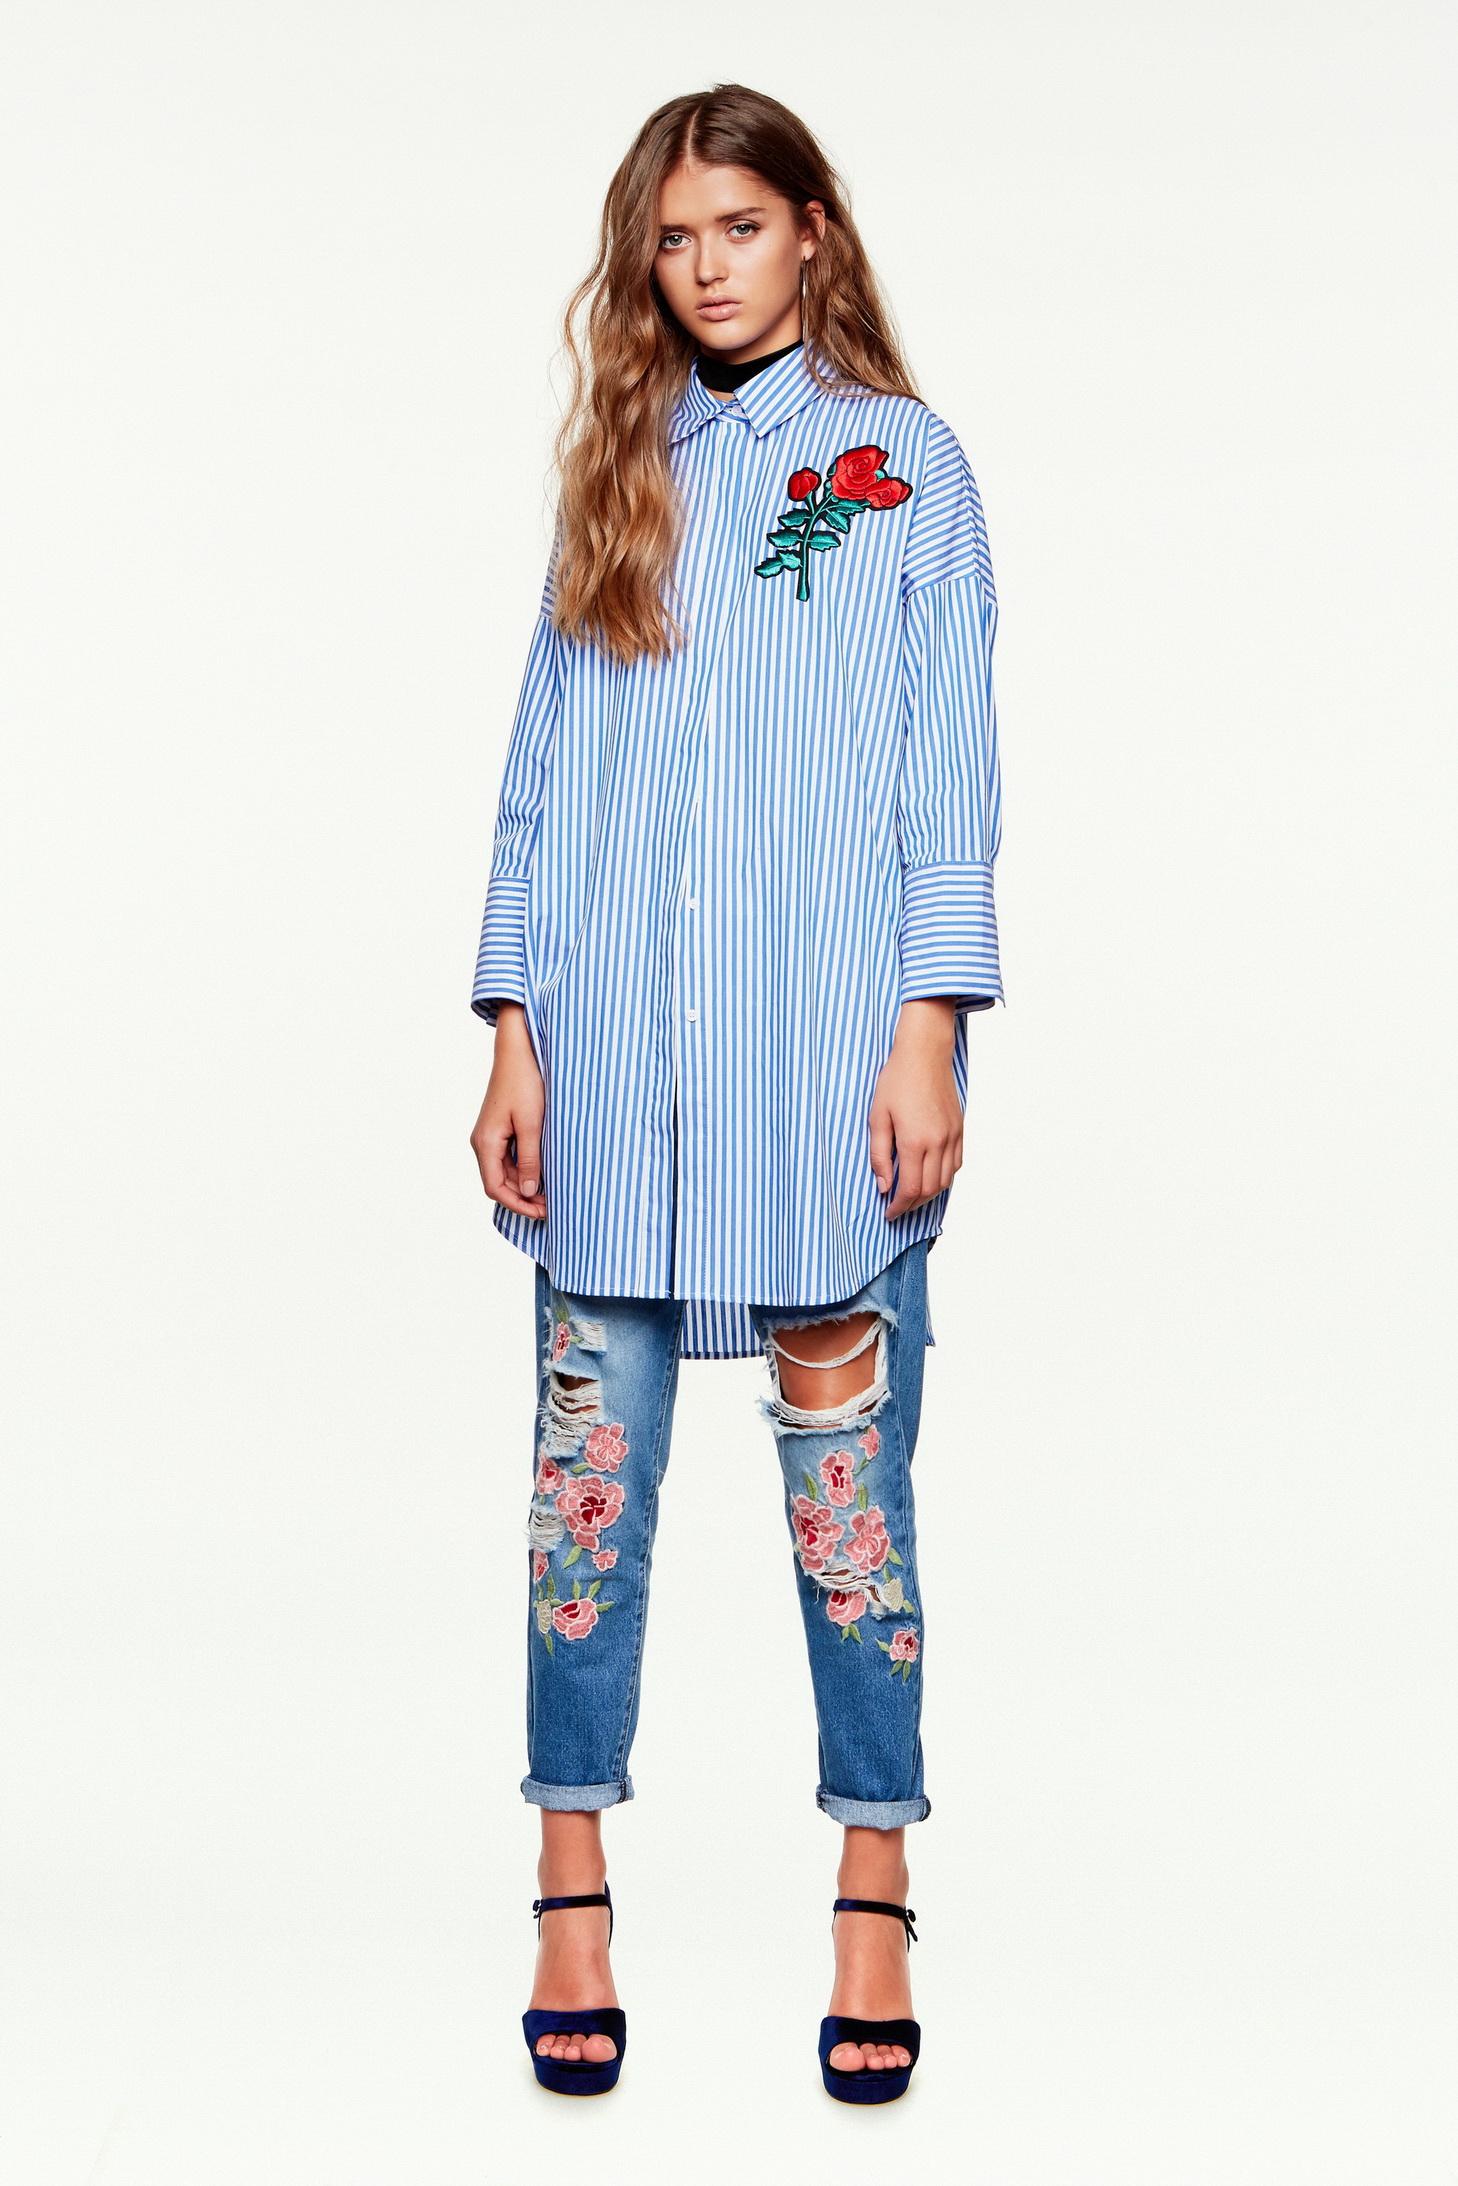 """קסטרו  קולקציית ג'ינסים חורף. חולצה 179.90 ש""""ח ג'ינס 199 ש""""ח(צילום טל קרת)"""